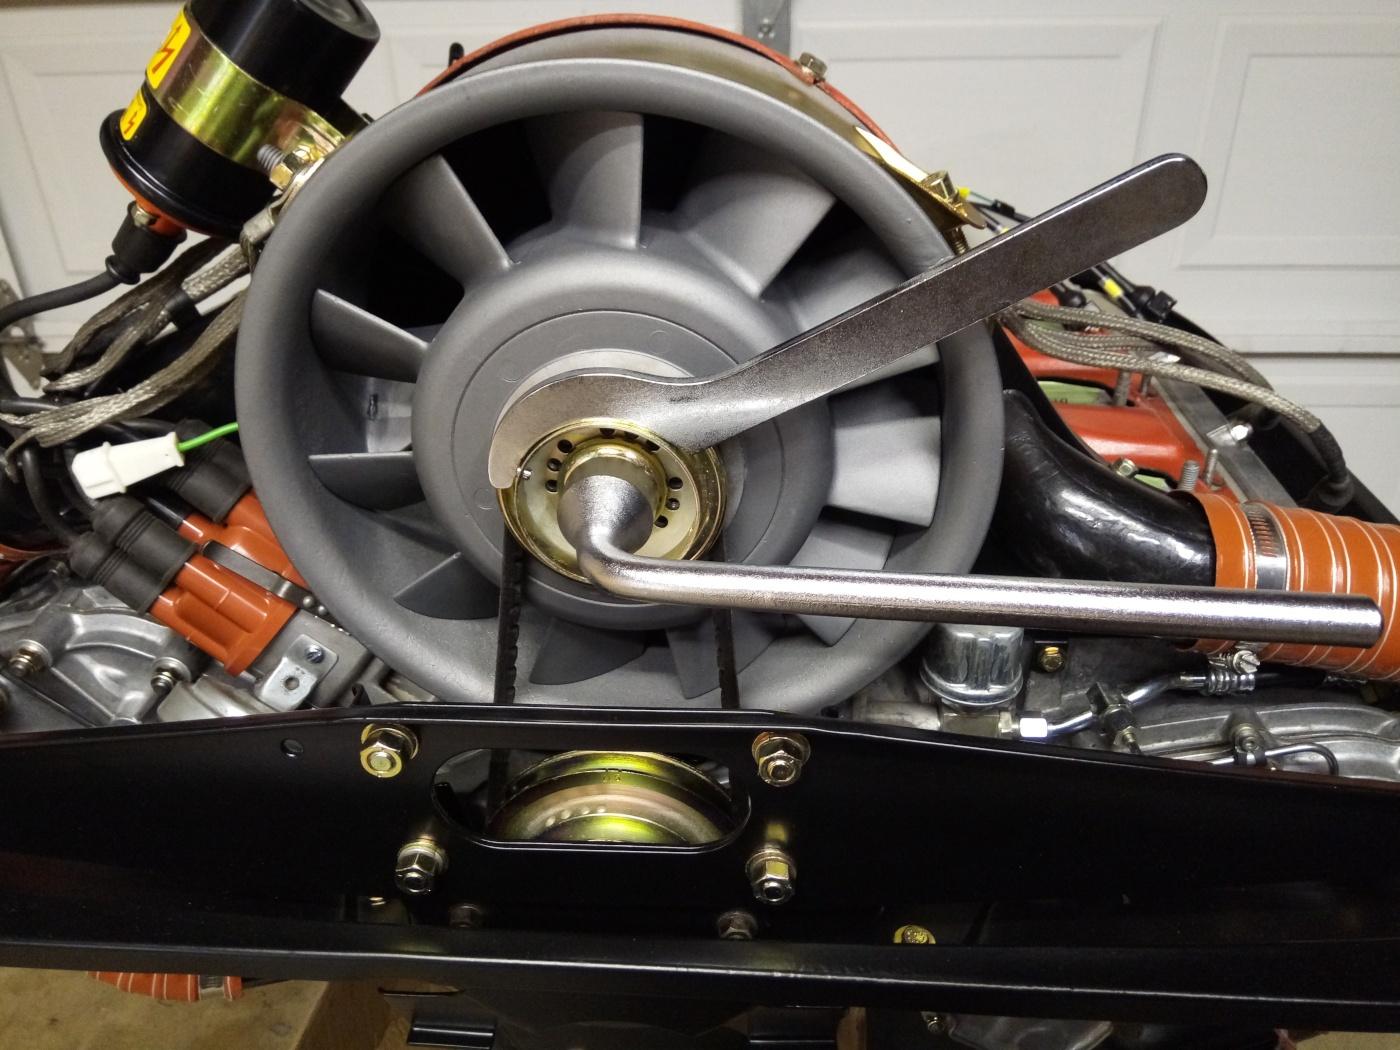 Air-cooled Porsche 911 fan belt tools